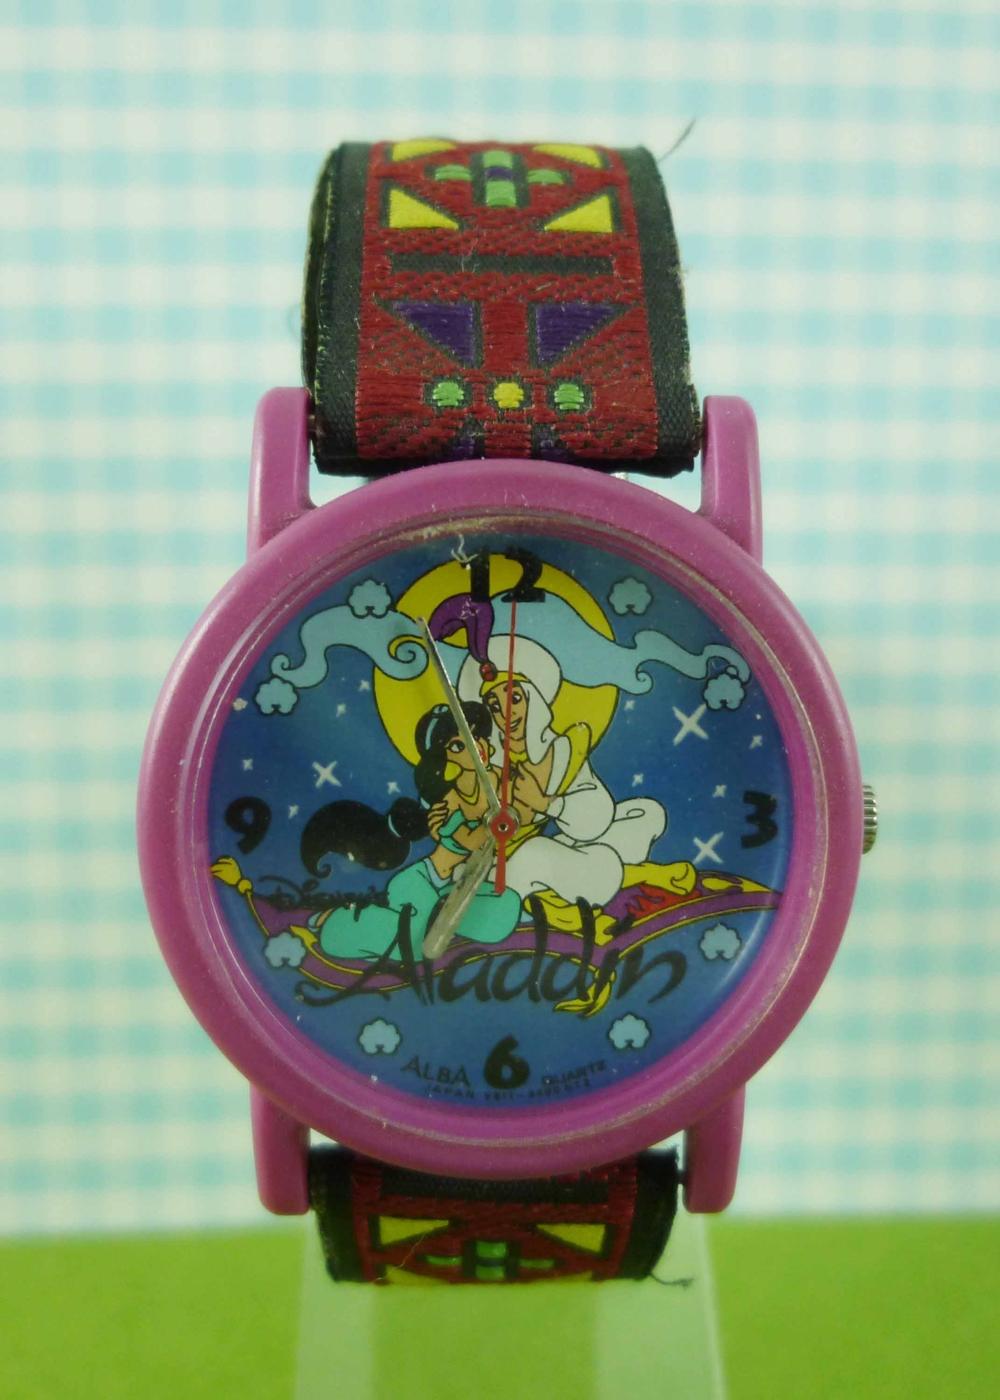 震撼精品百貨】Disney Princess迪士尼阿拉丁茉莉公主~手錶-圓形錶面-紫色外圈-阿拉丁圖案【共1款】